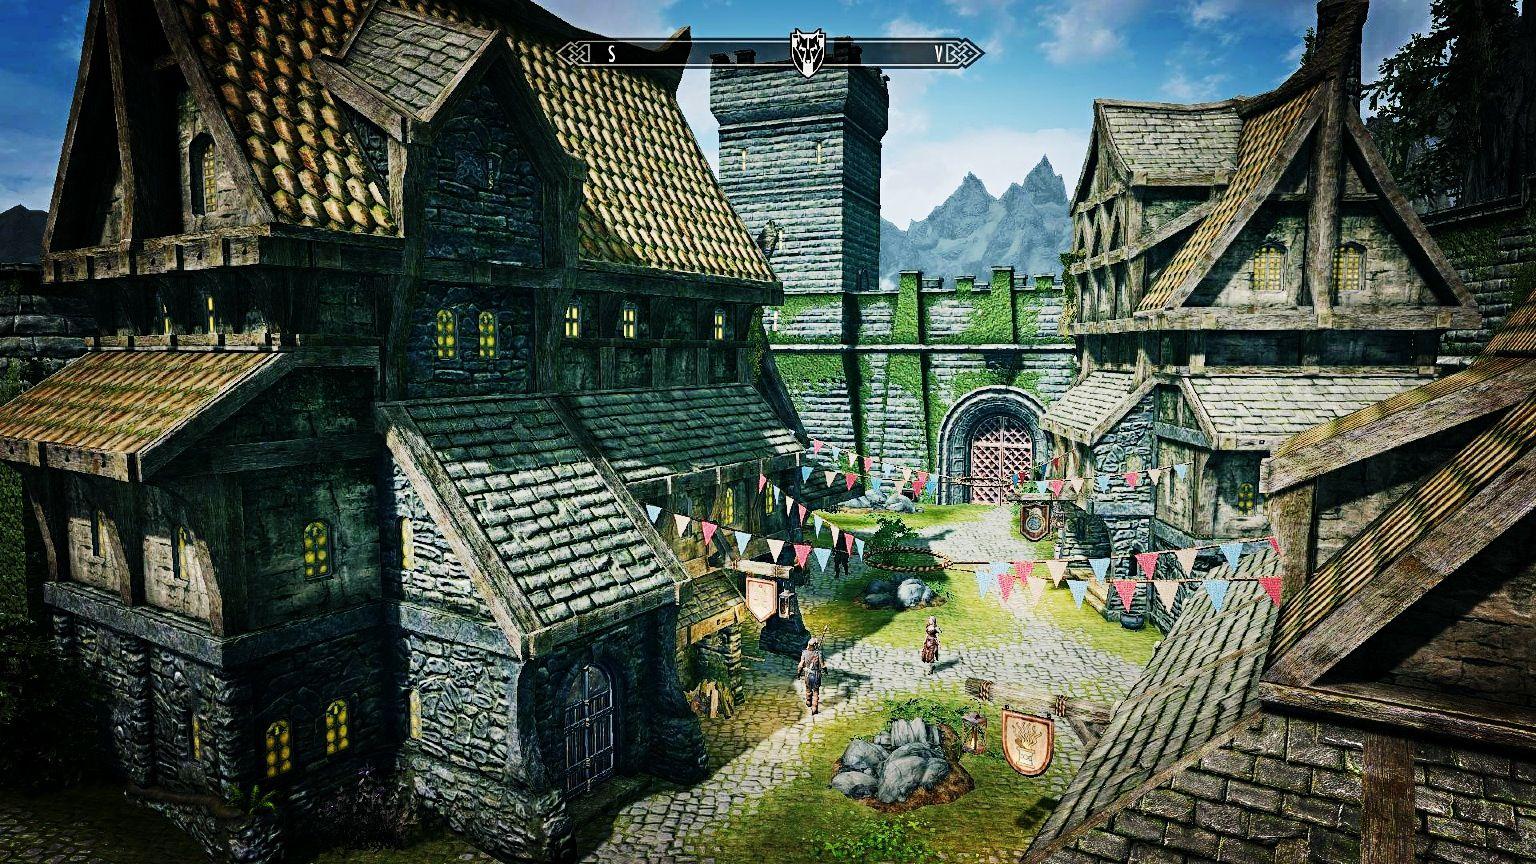 d80f90c3c73cfd707efe07a5c1712304 - How To Get A House In Solitude In Skyrim